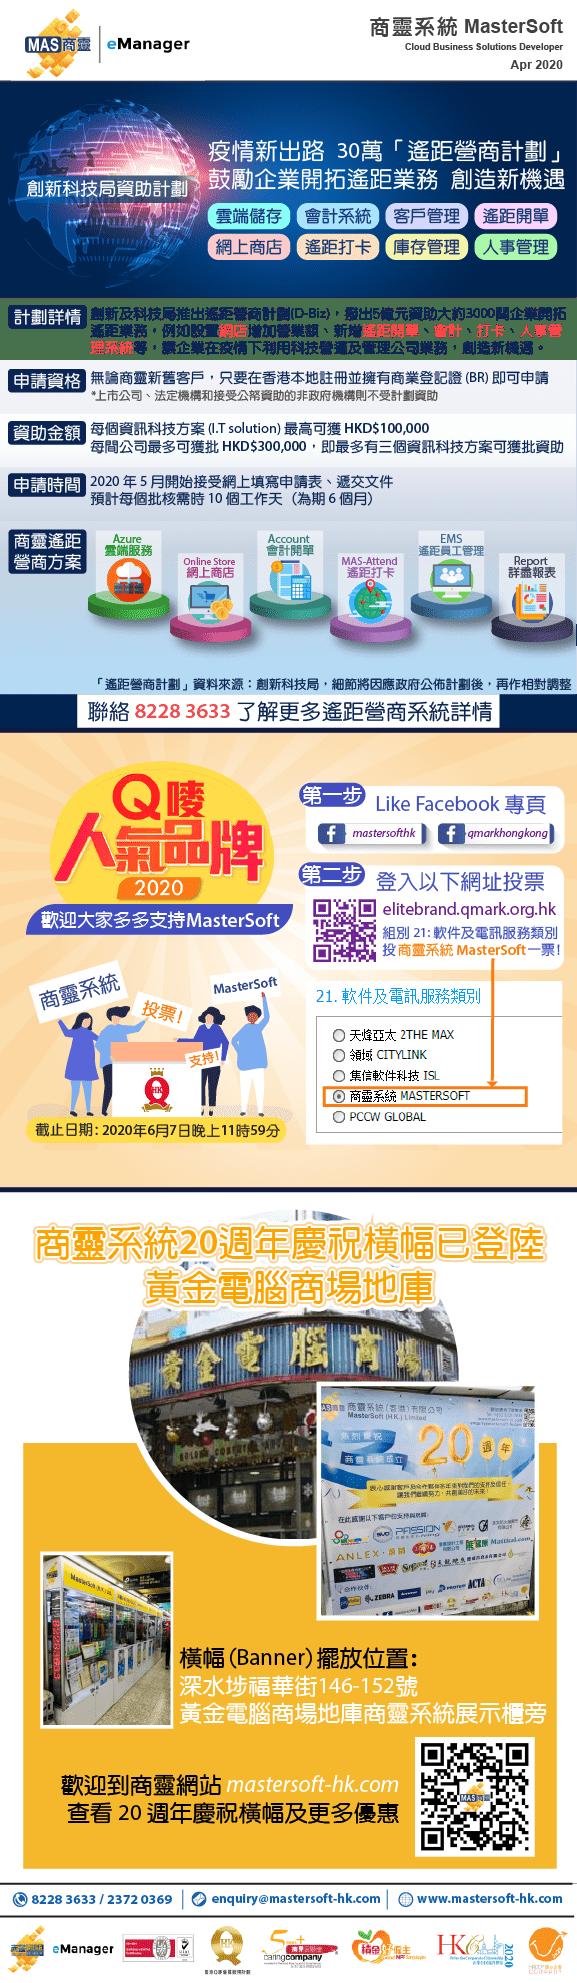 【商靈4月快訊】30萬遙距營商計劃、Q嘜人氣品牌投票、慶祝20週年橫幅正